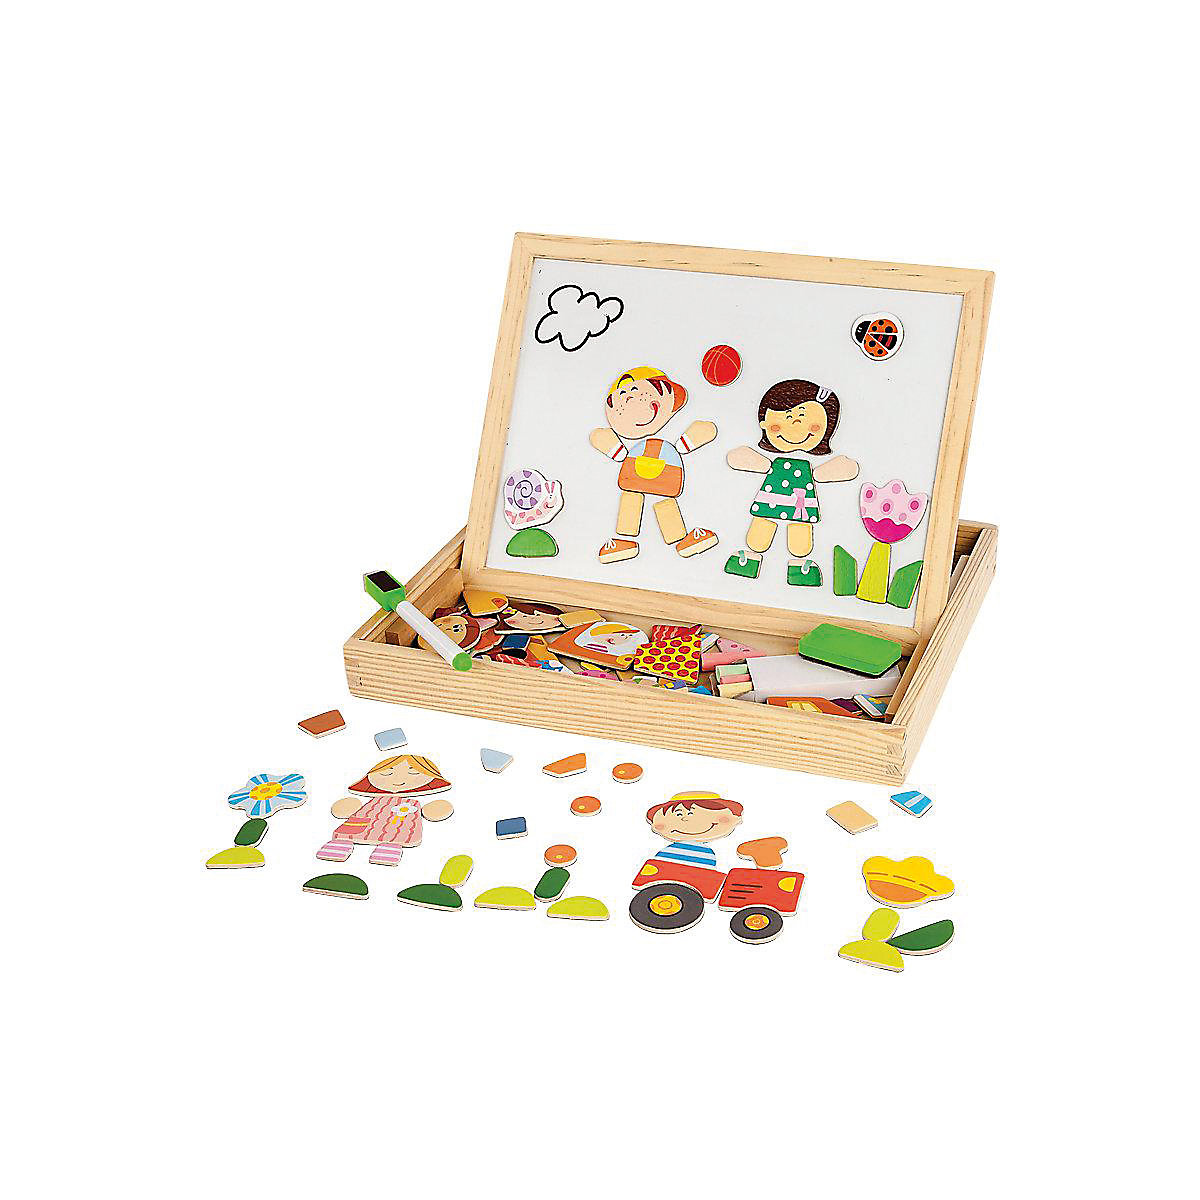 MAPACHA Houten Blokken 4925604 voor jongens en meisjes Educatief speelgoed voor kinderen Baby Kids MTpromo